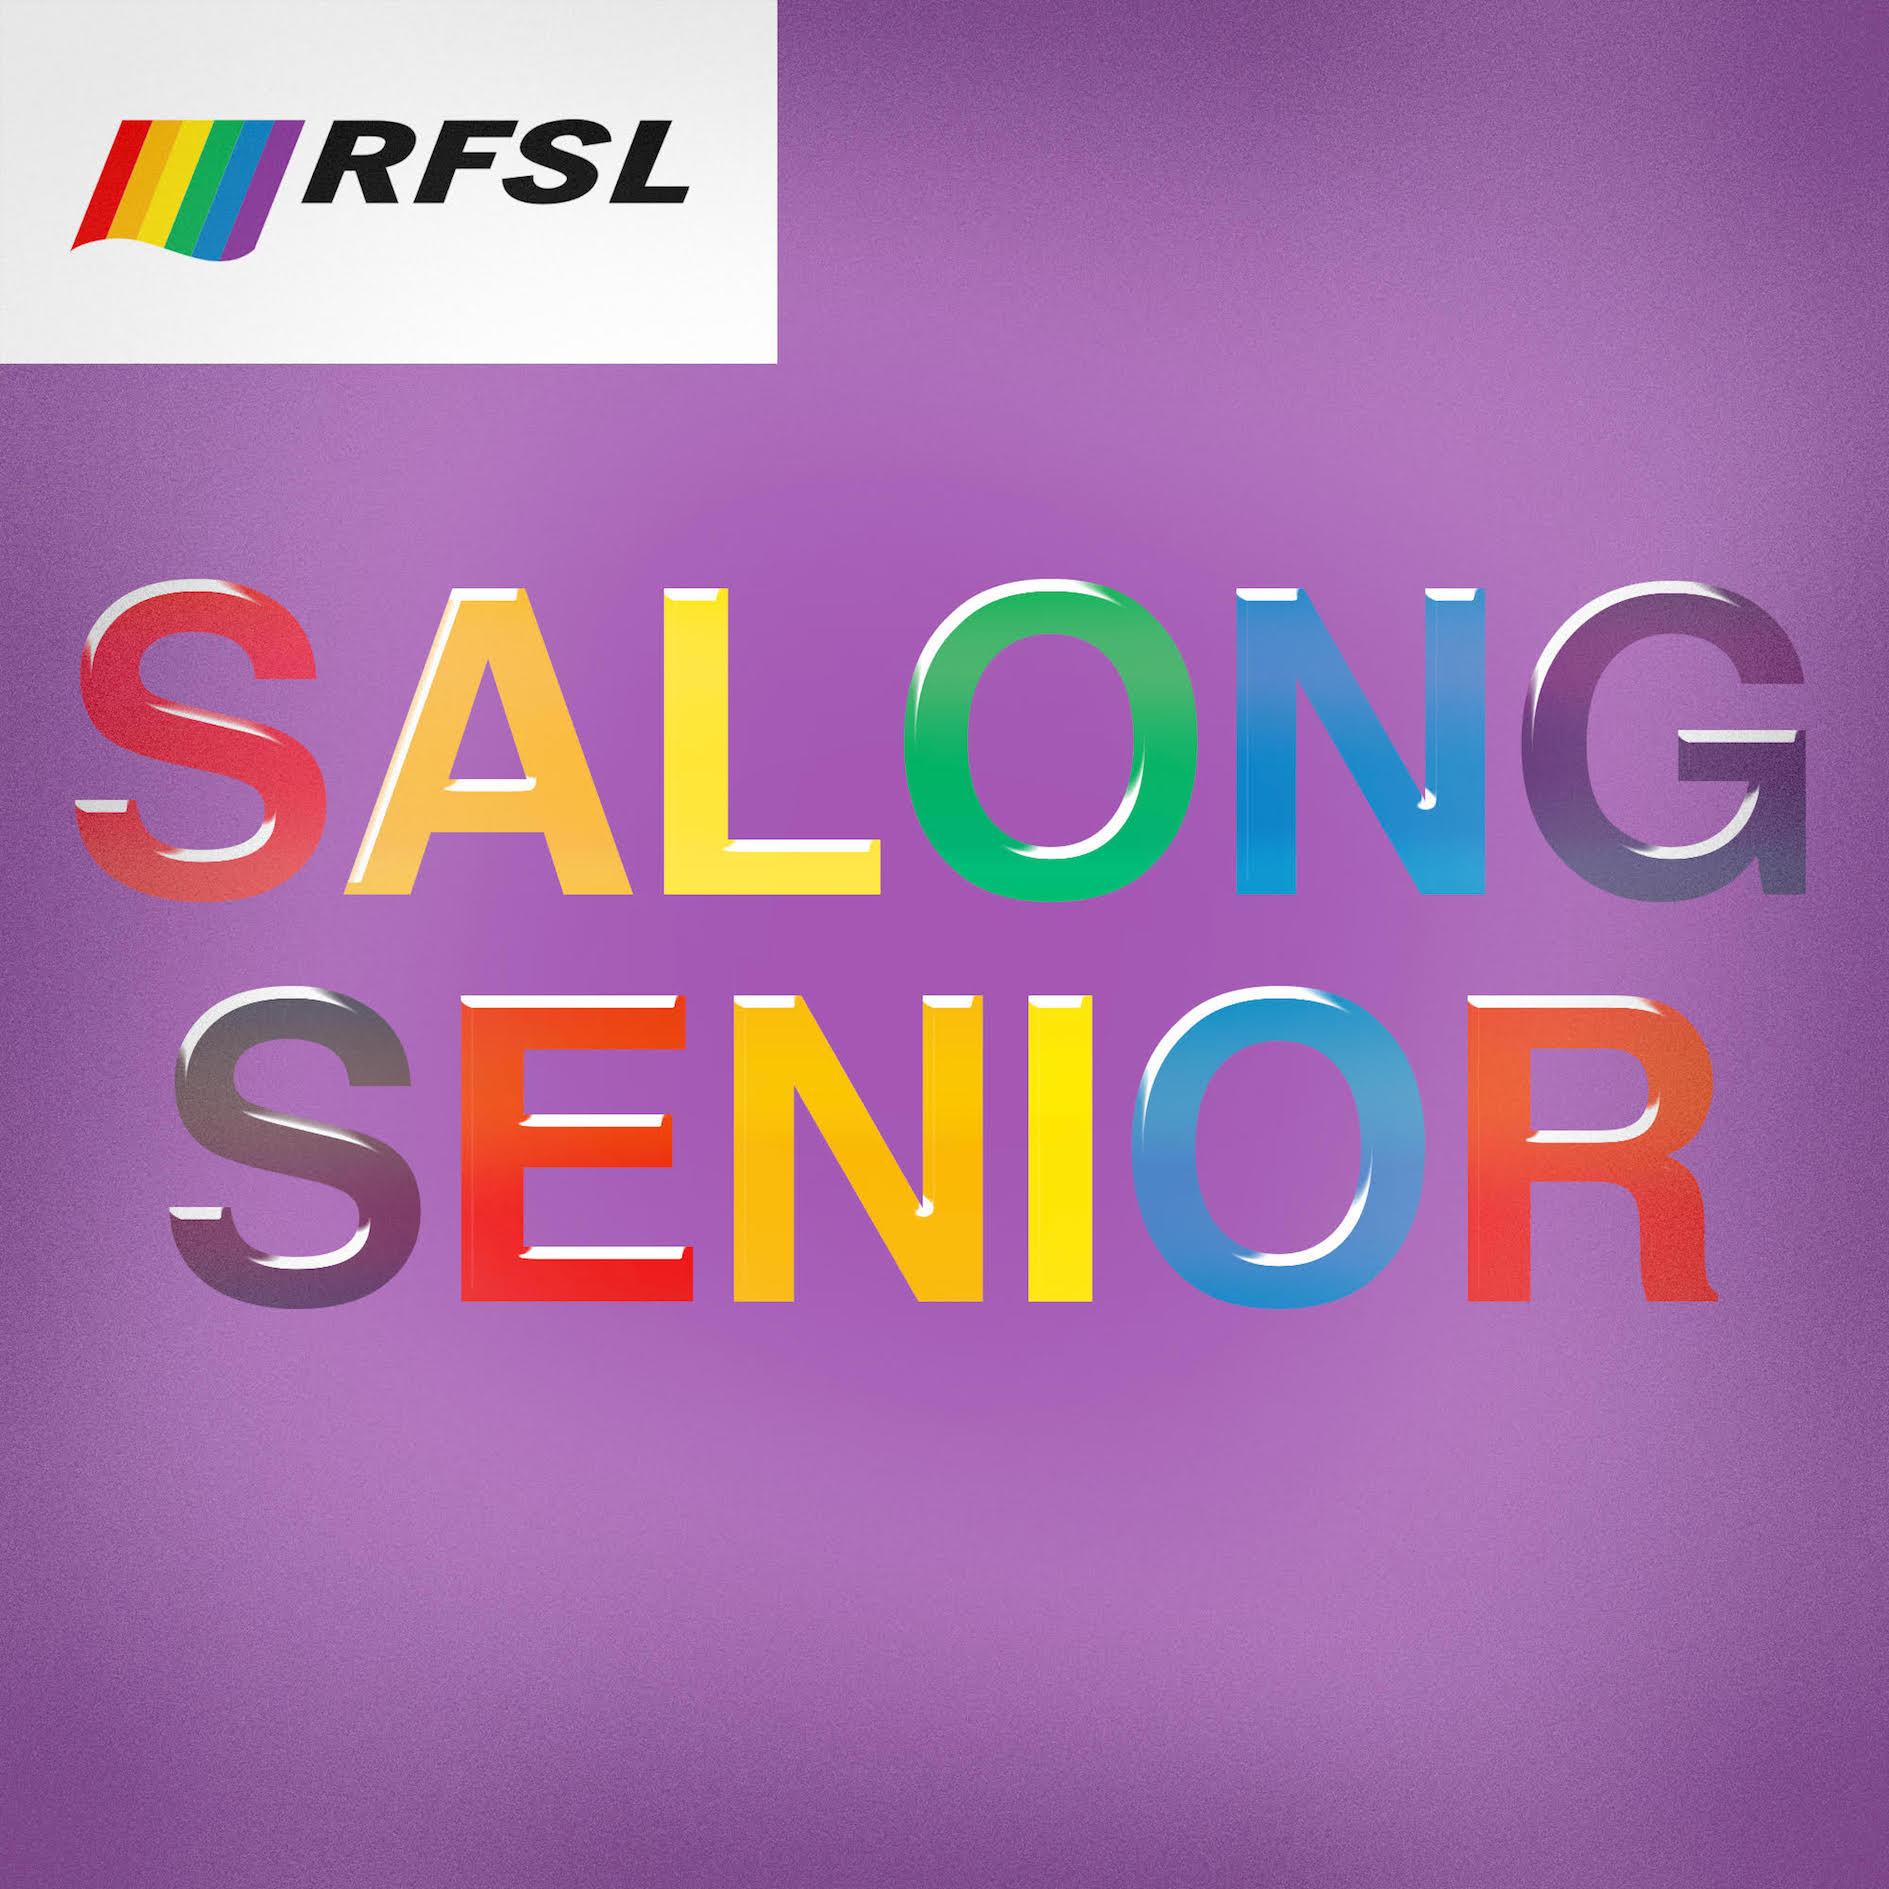 Salong Senior 6. Lust